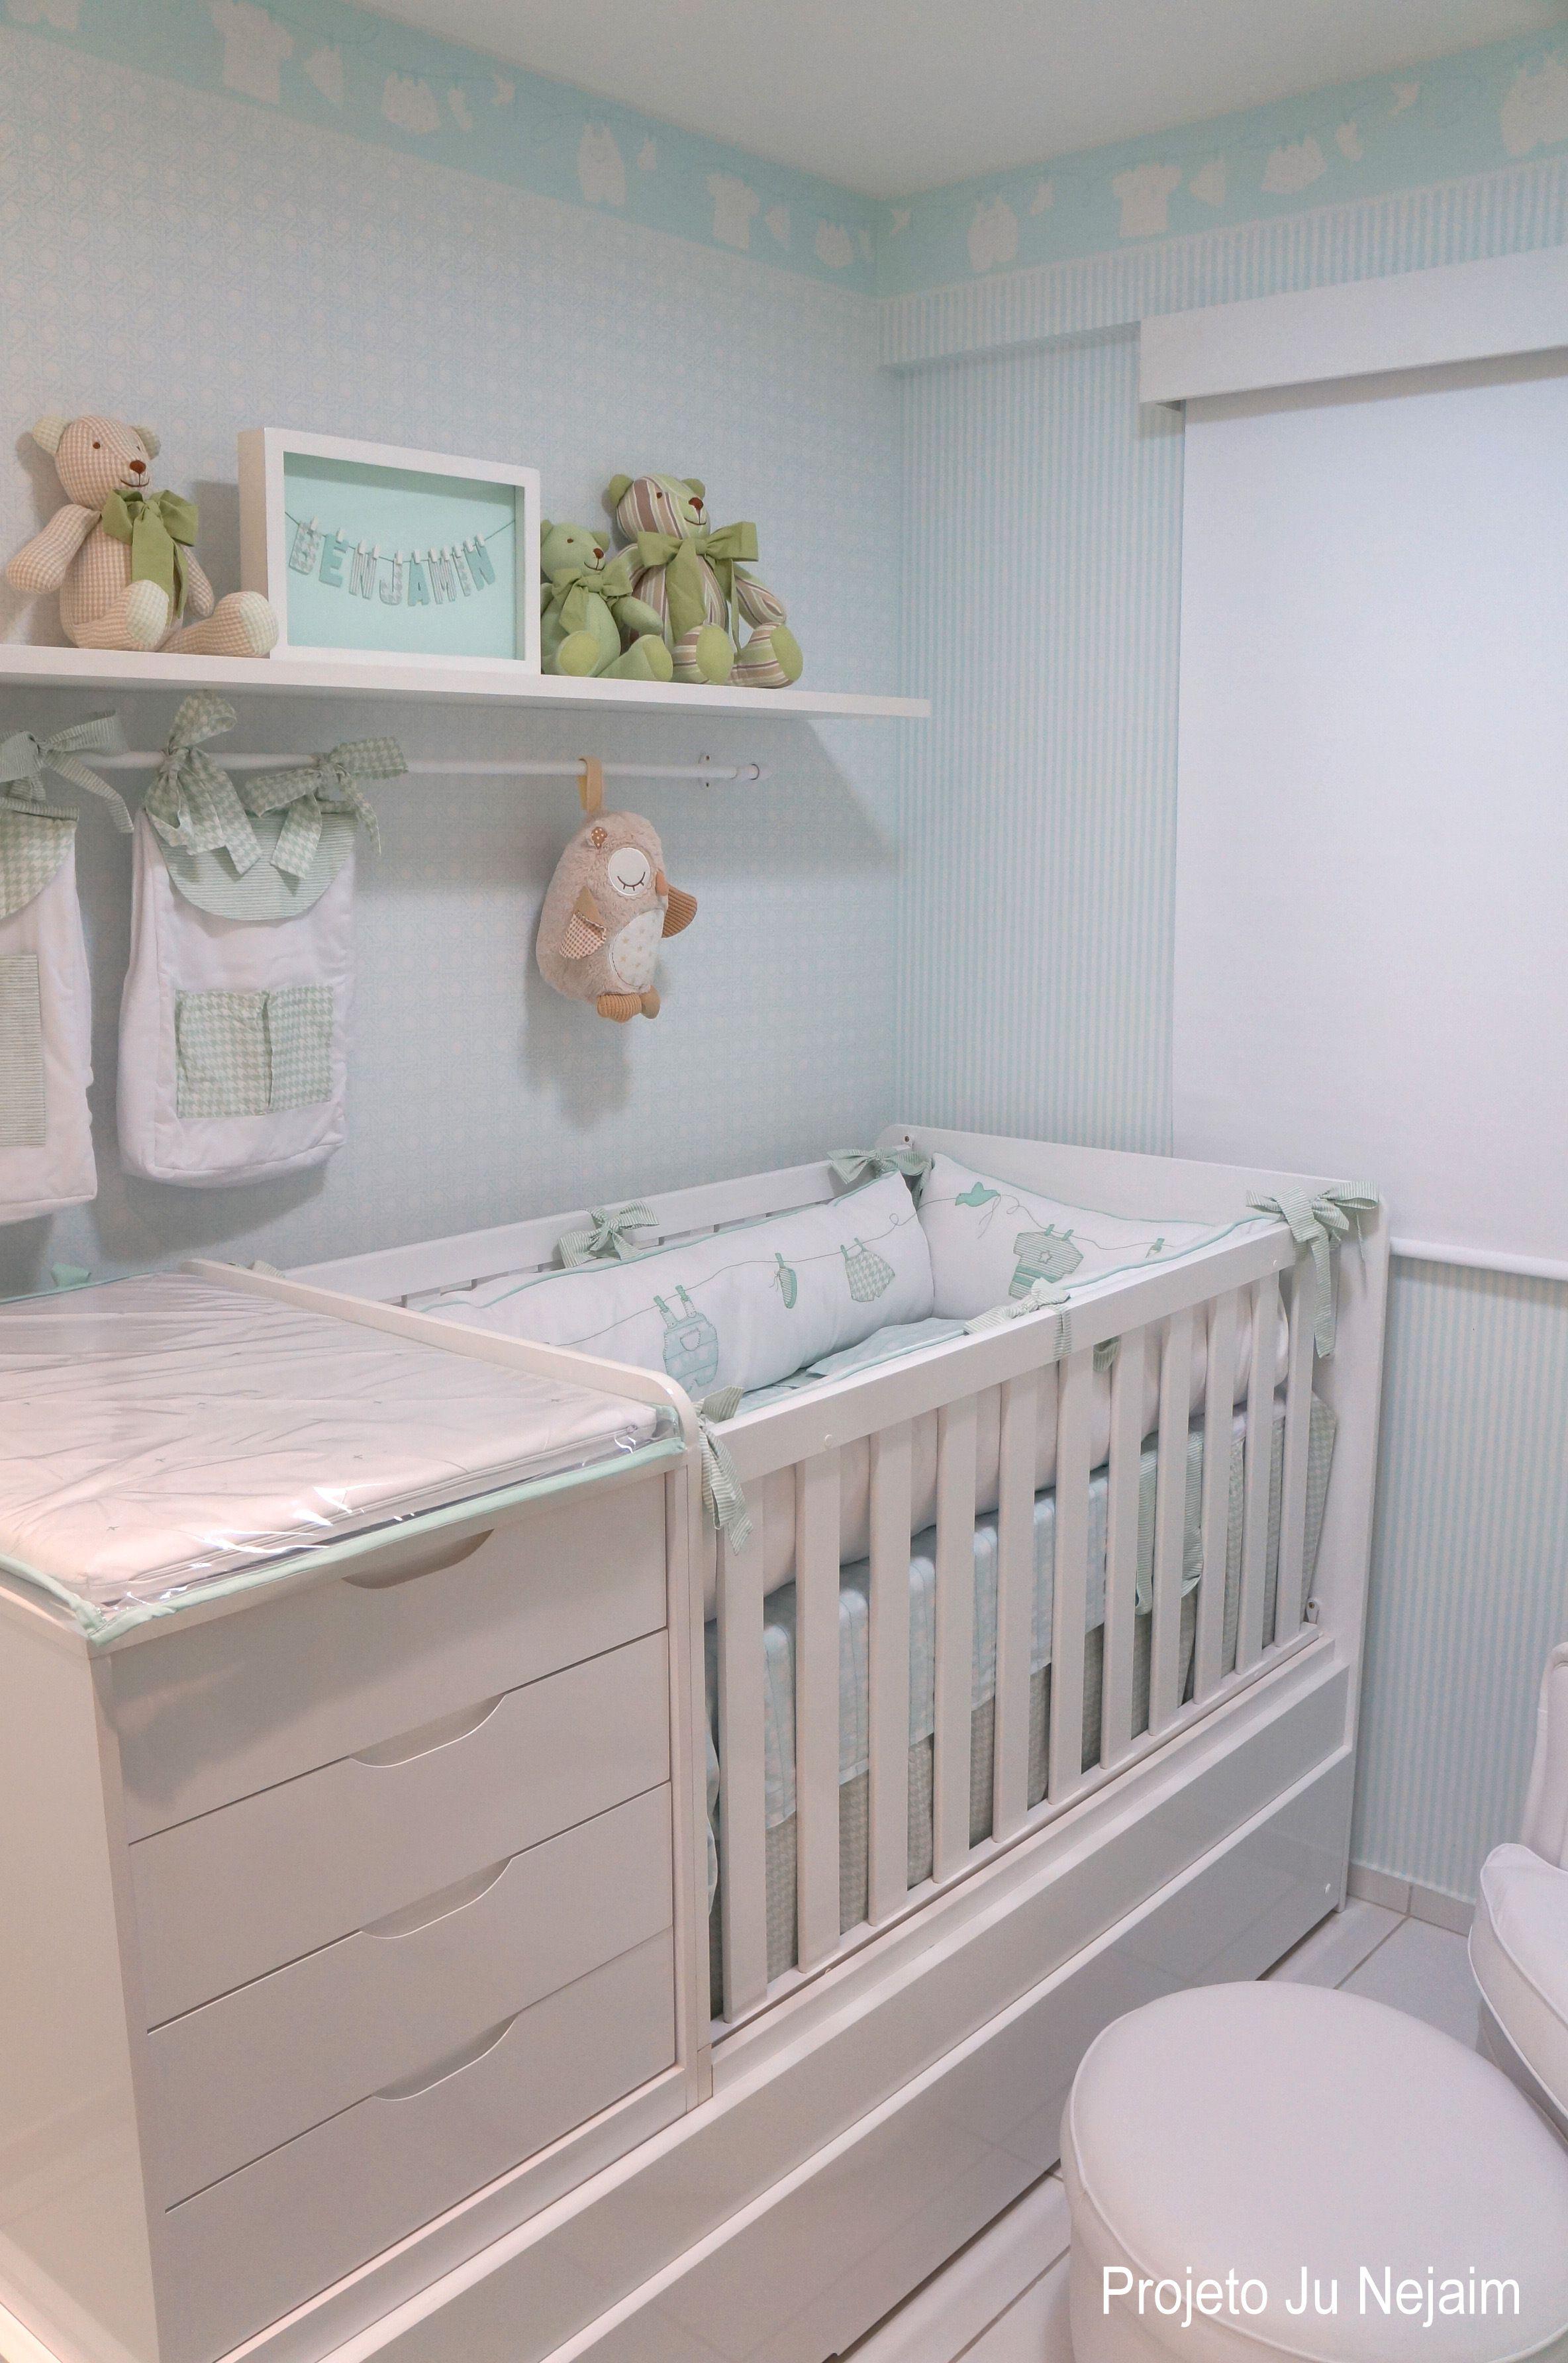 Quarto de beb babyroom projeto - Baby jungenzimmer ...